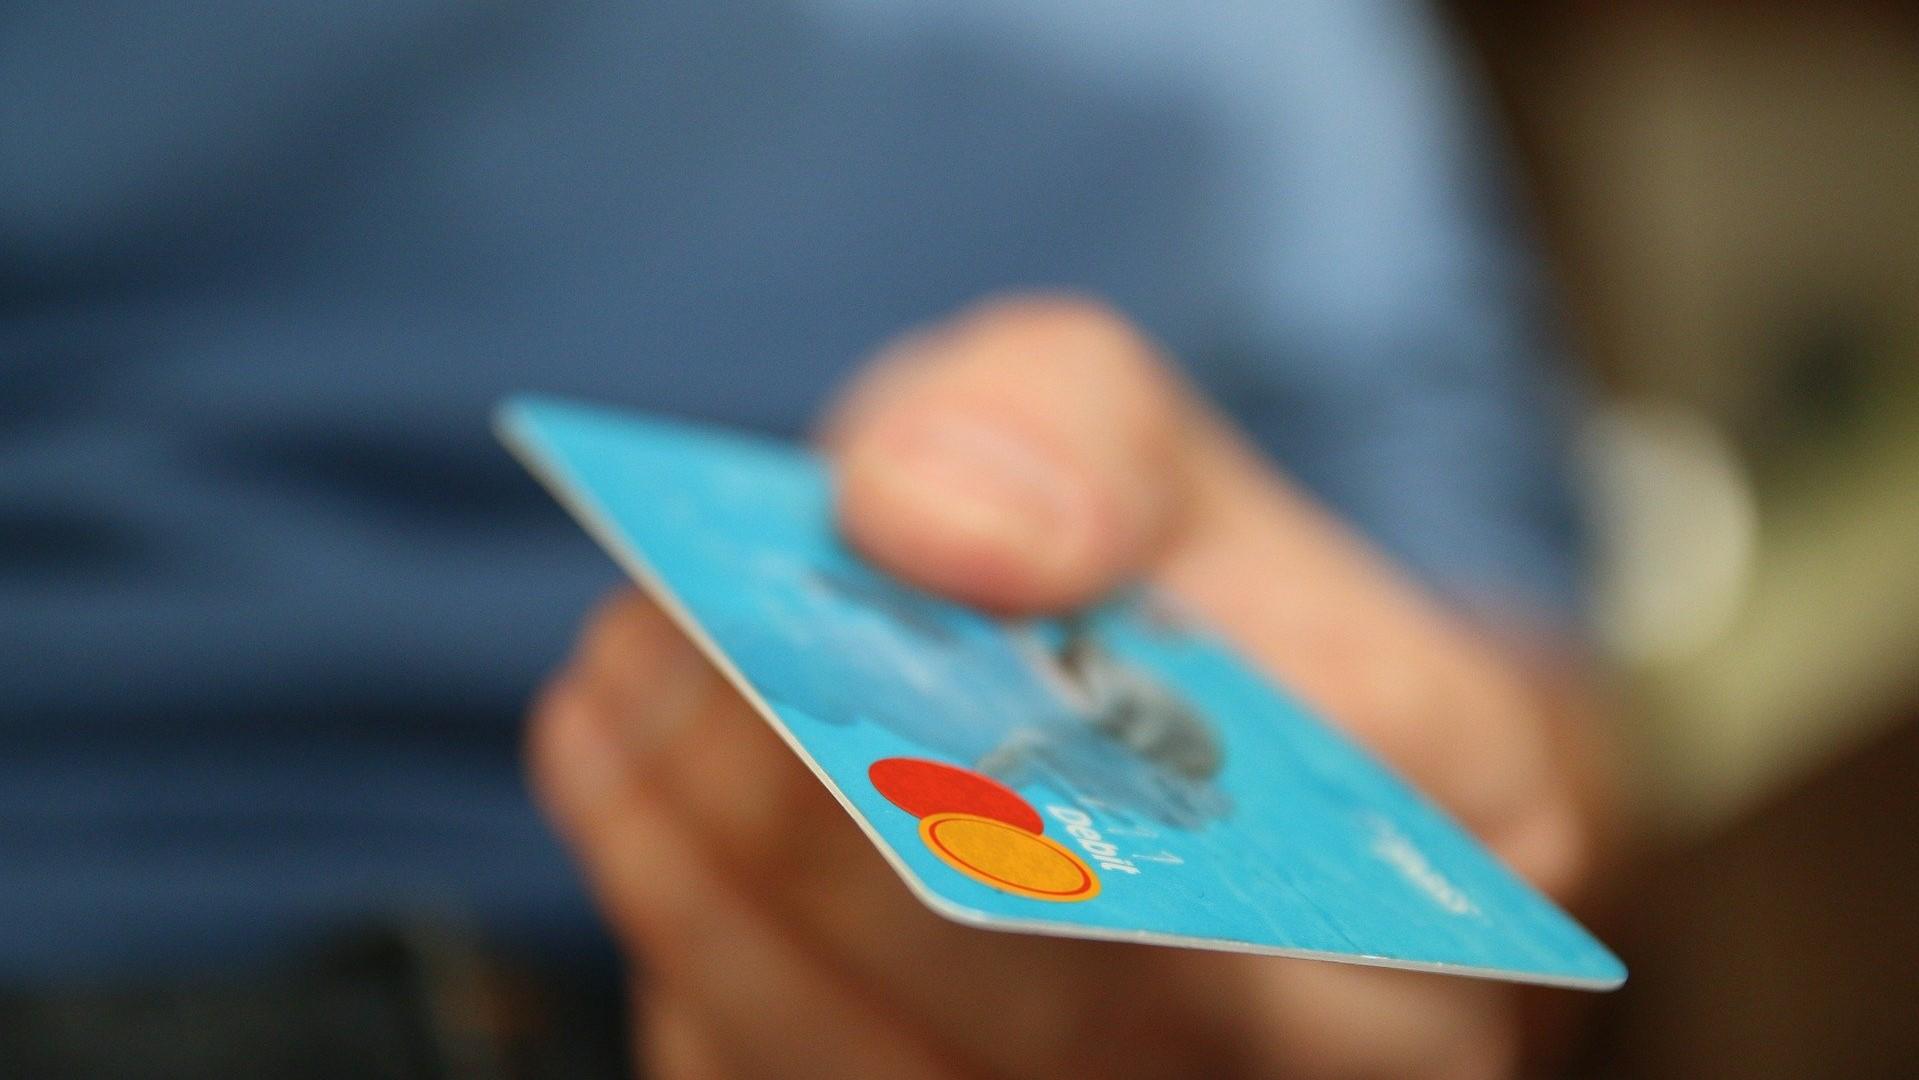 買って後悔したもの3位『クレジットカード』